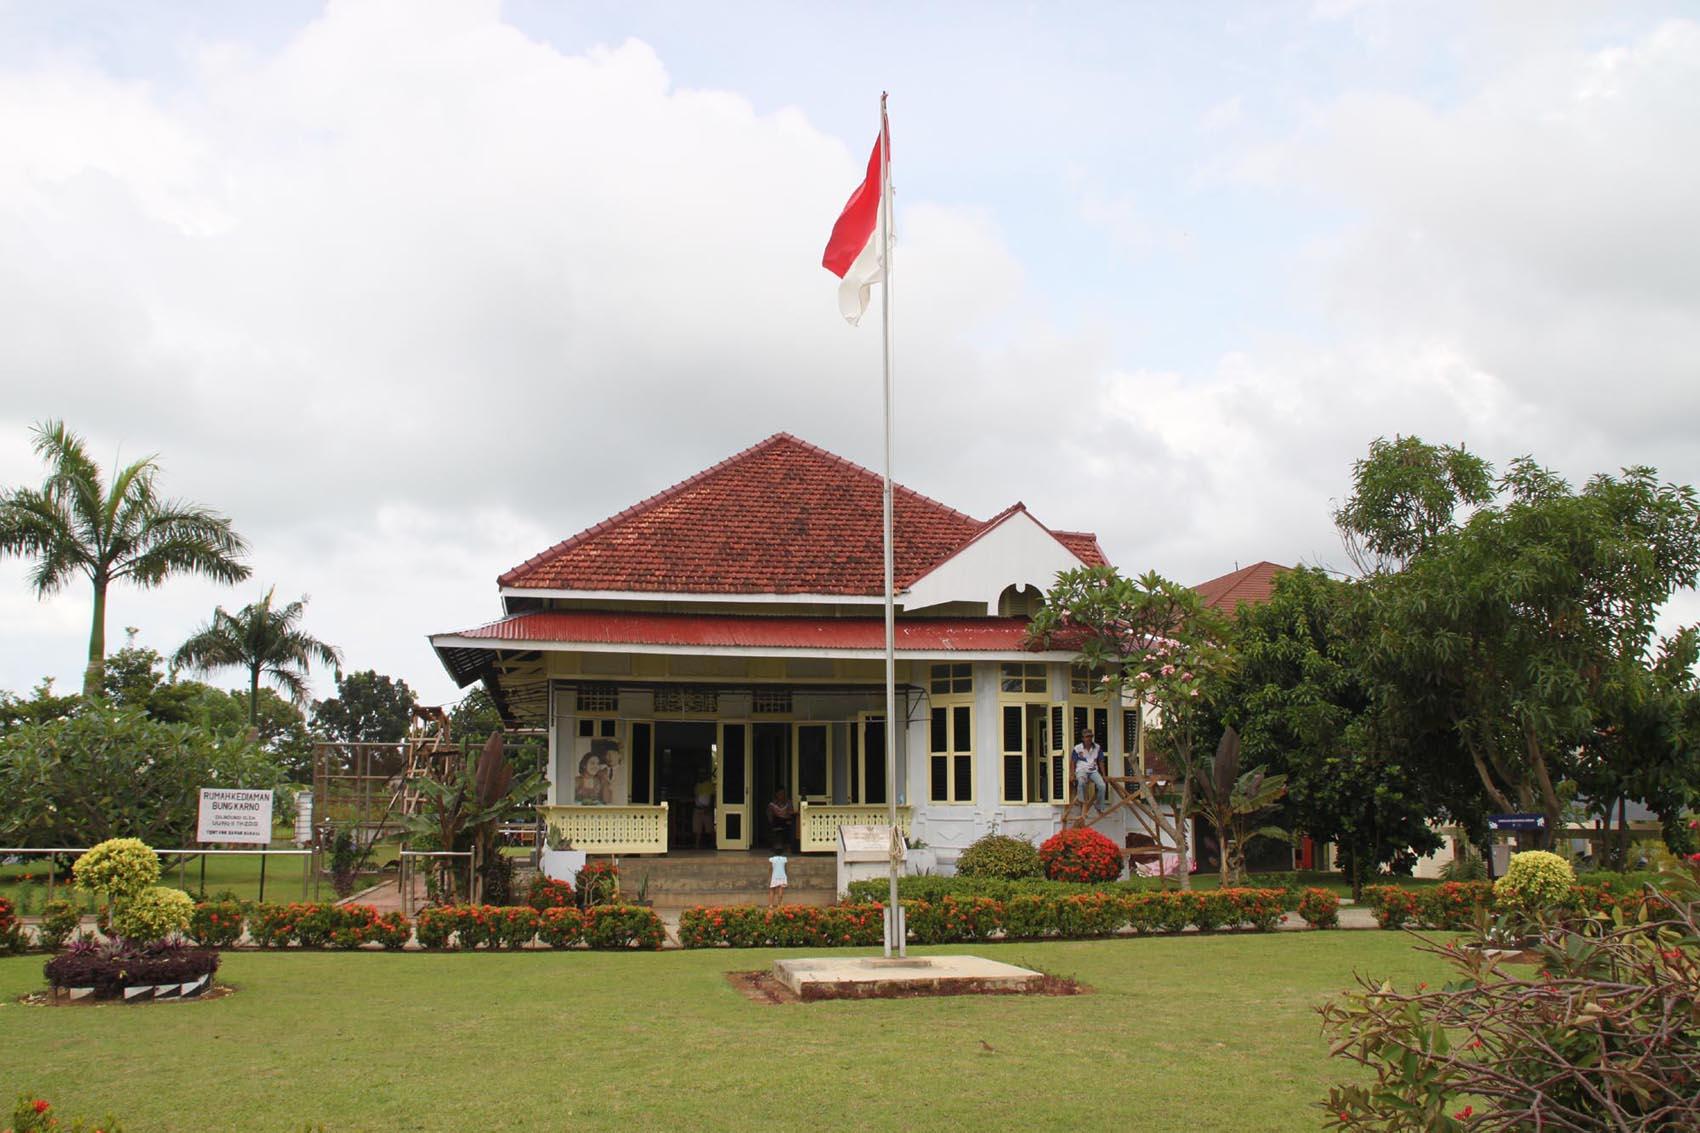 Bengkulu Kota Tuo Rancak Suprizal Tanjung Surau Rumah Pengasingan Soekarno